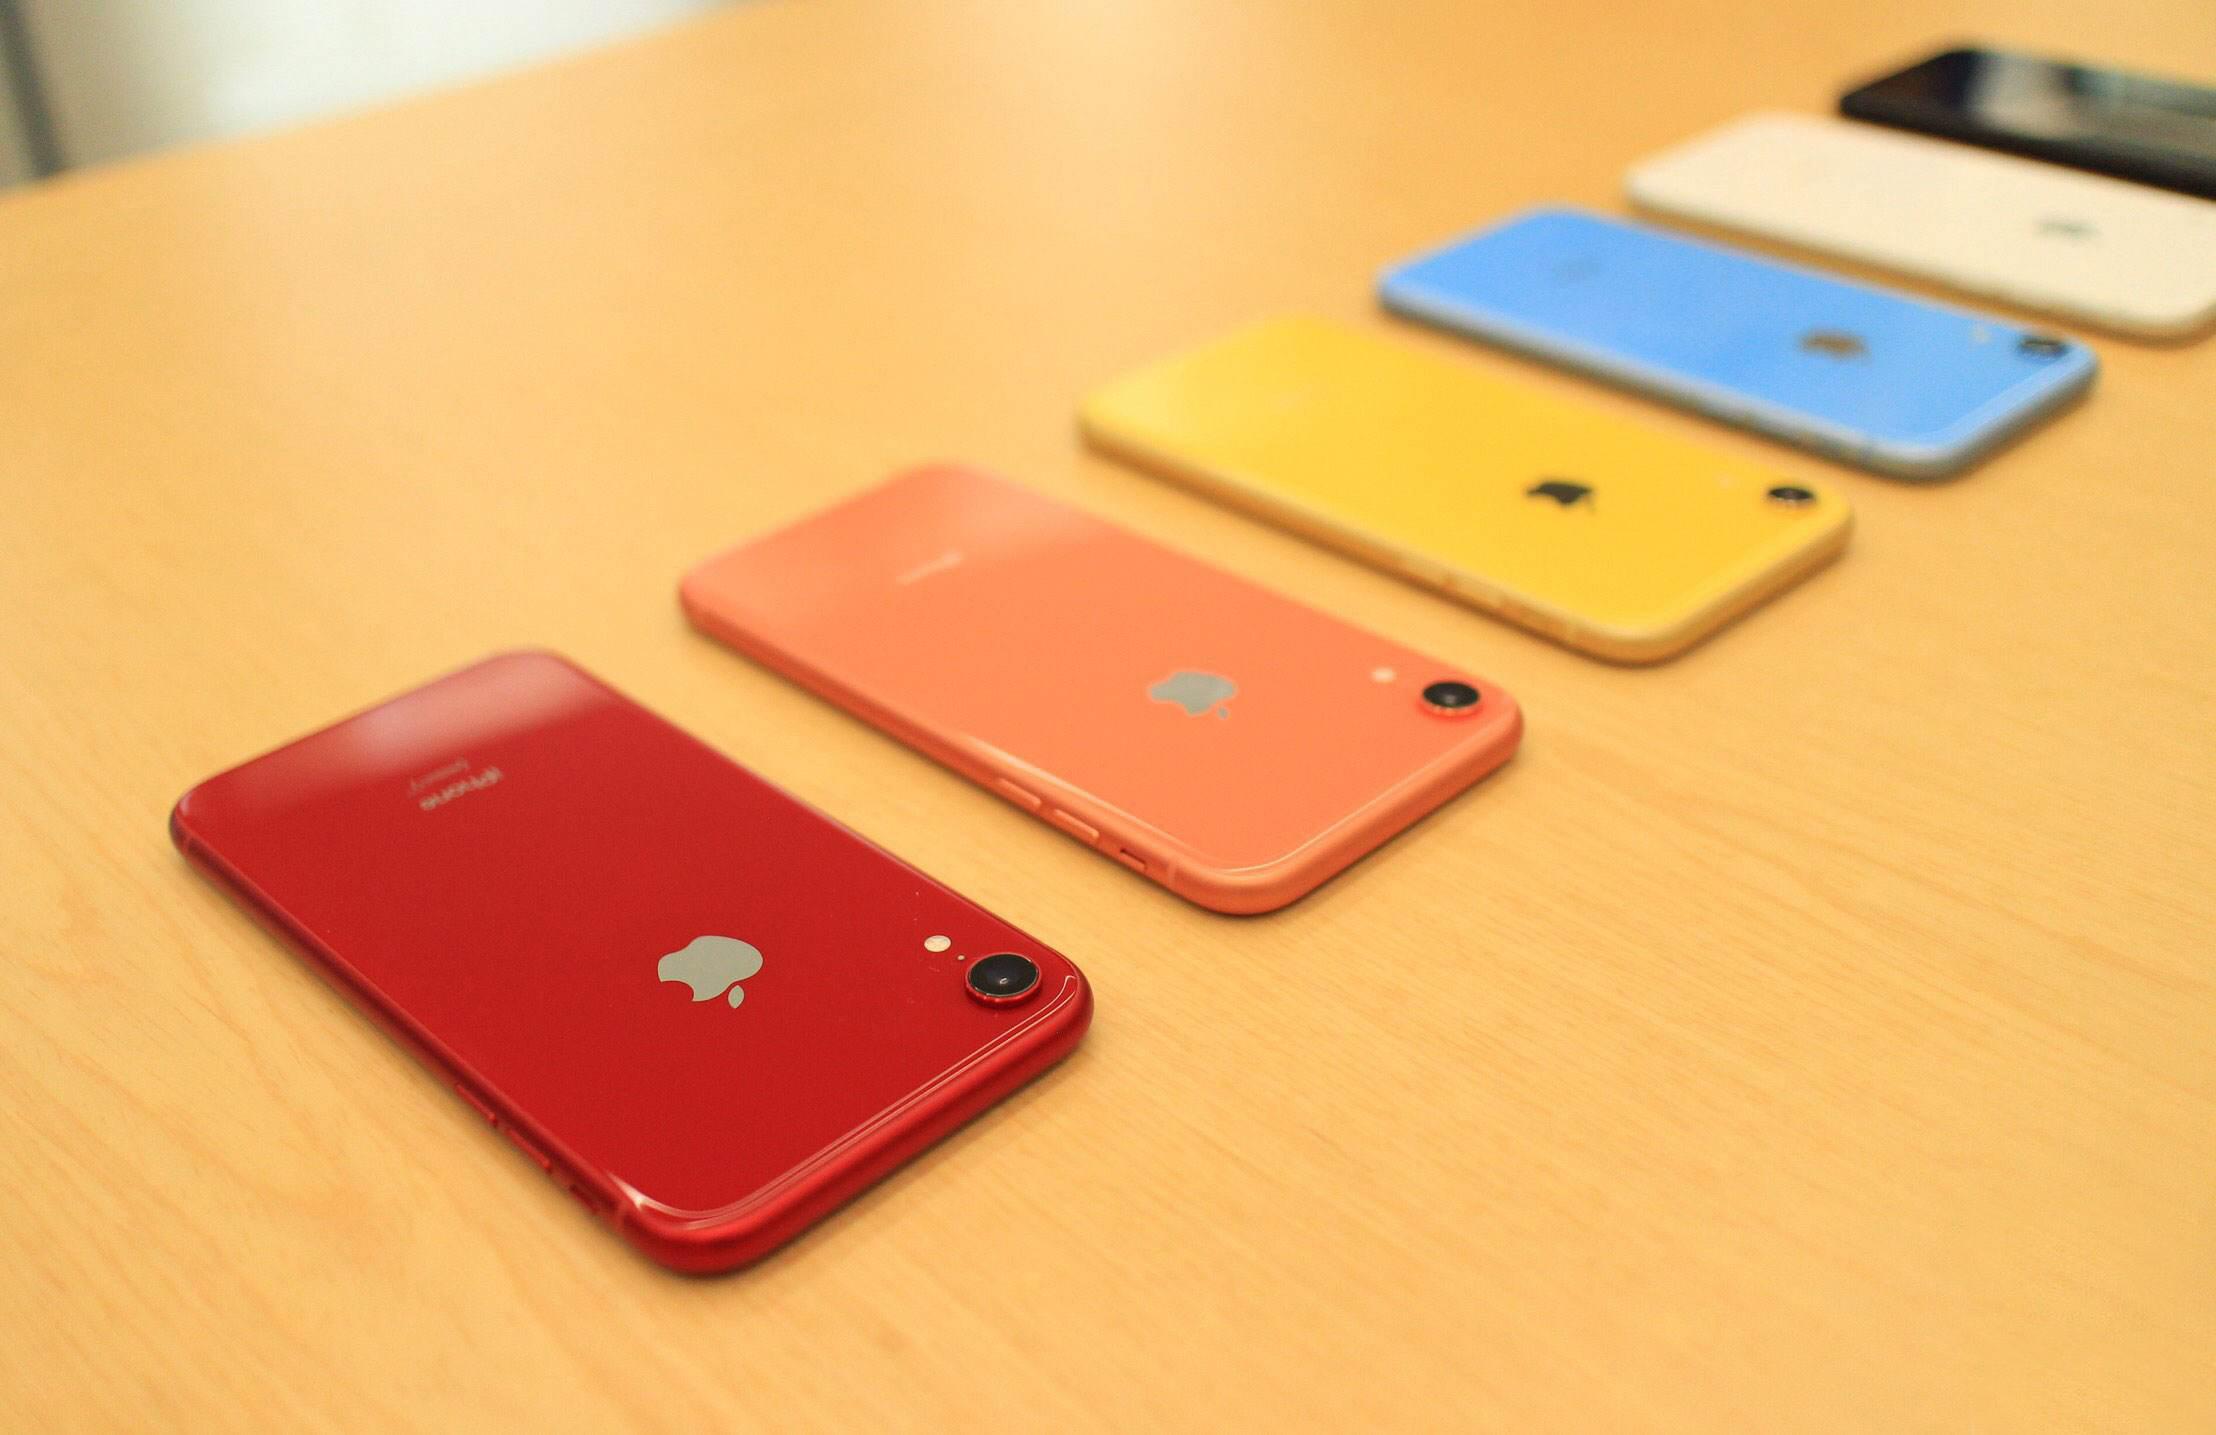 苹果股价攀升,降价提振 iPhone XR 在中国销售